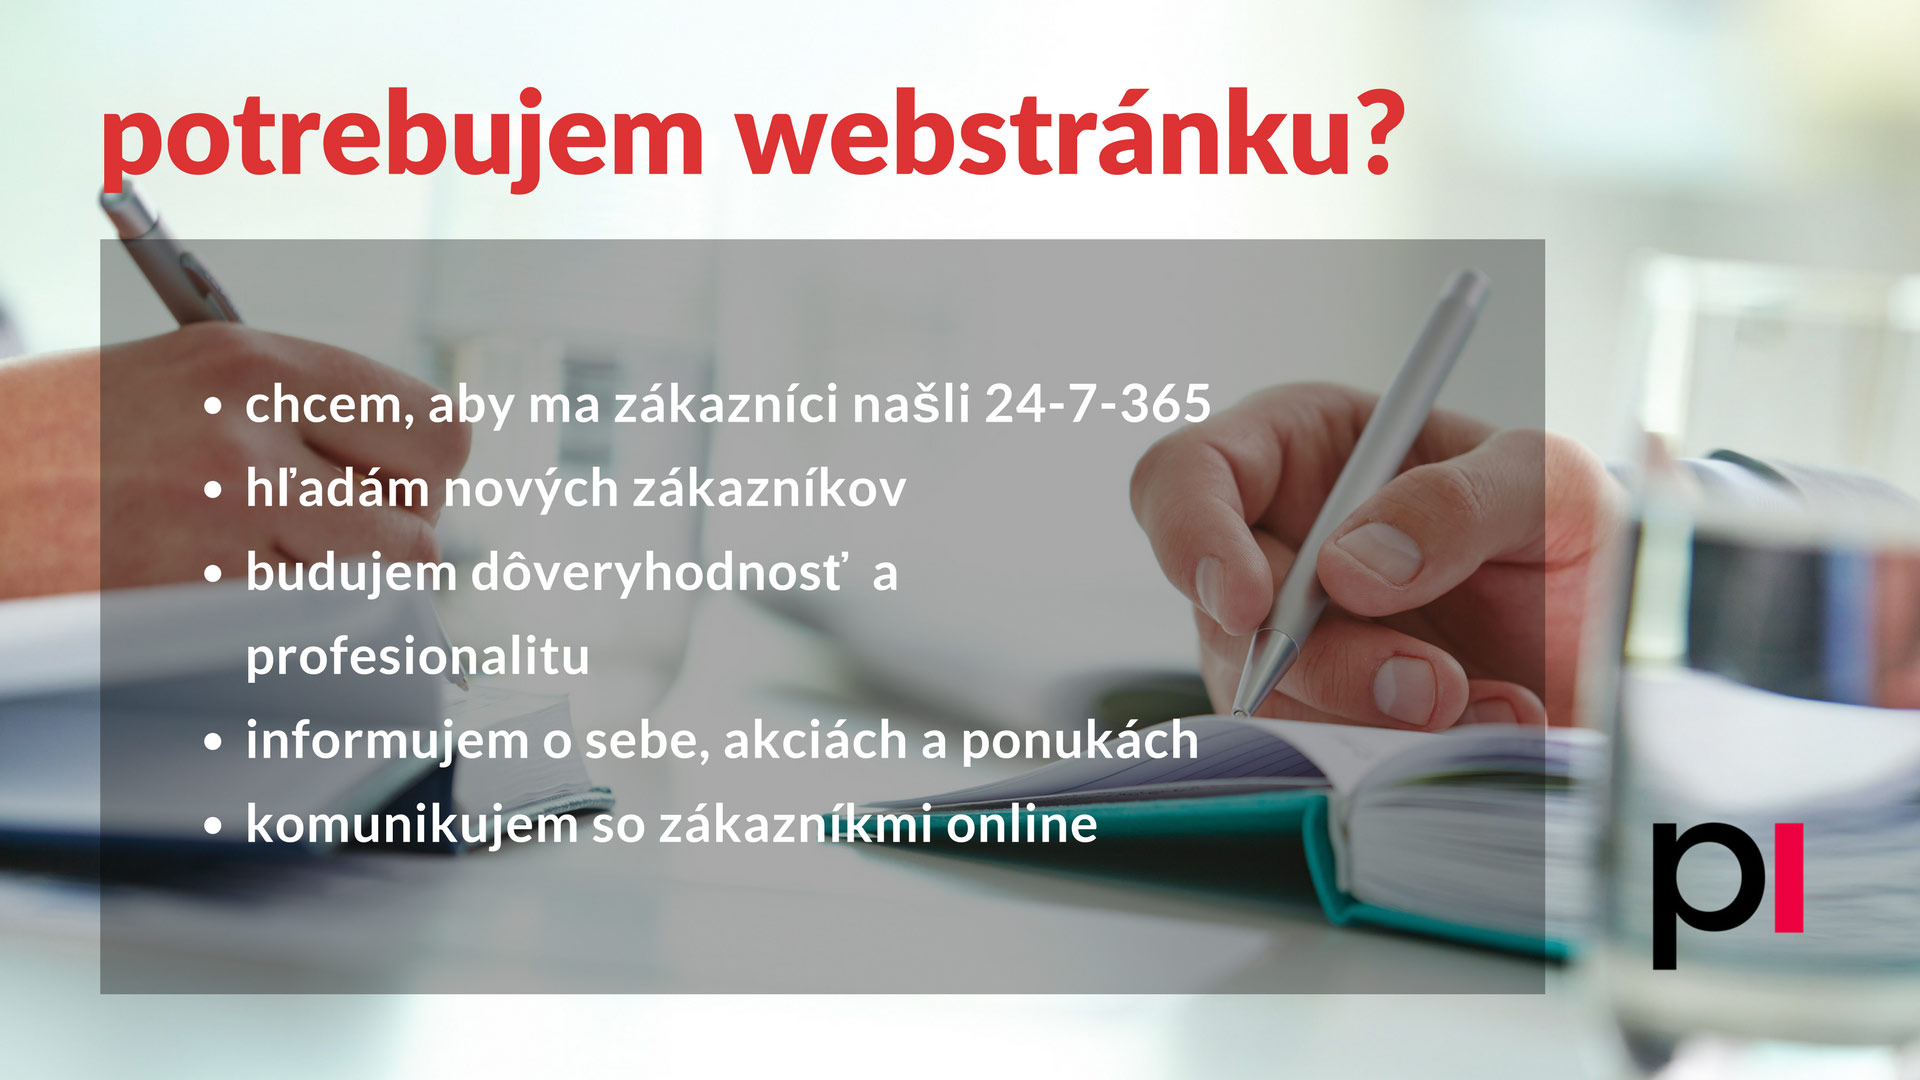 Potrebujem webstránku? Checklist